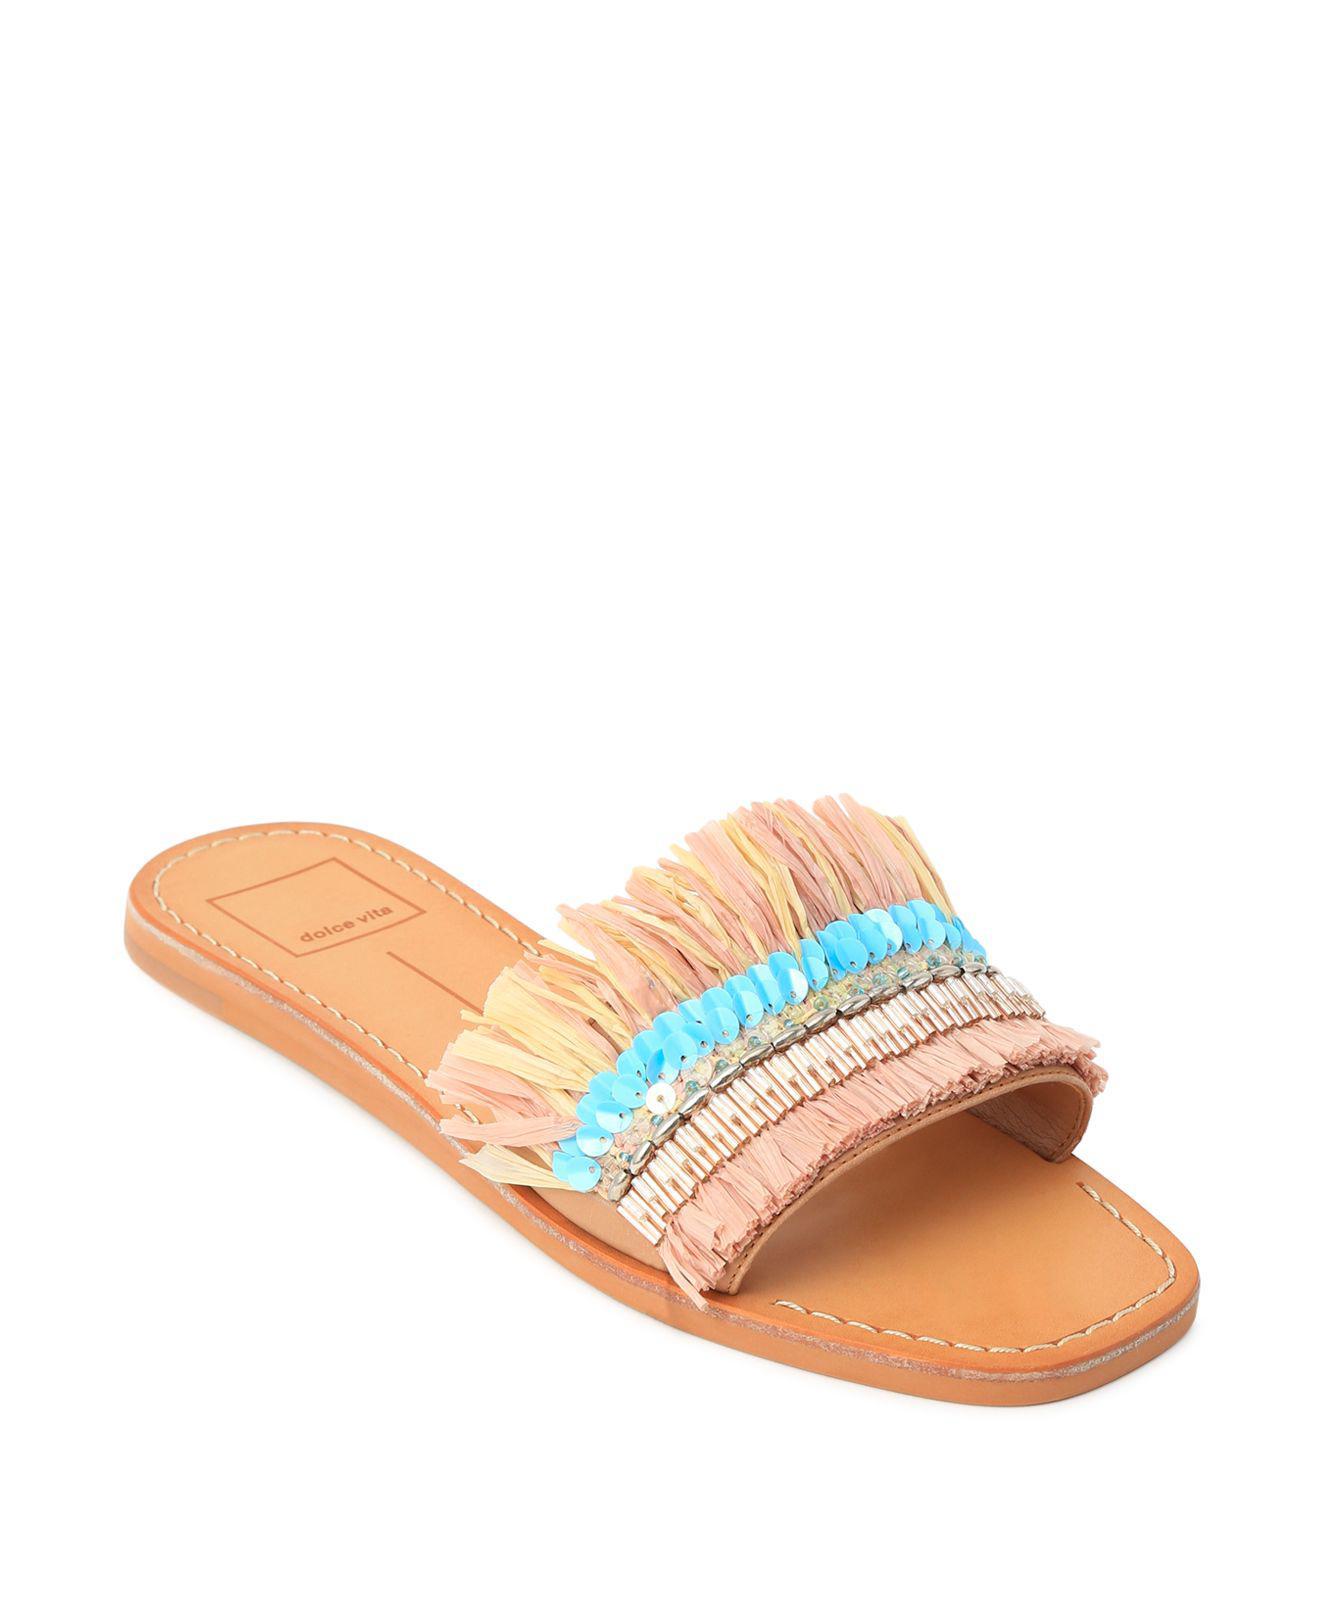 Dolce Vita Cadiz Embellished Raffia Slide Sandals F9LcAbE